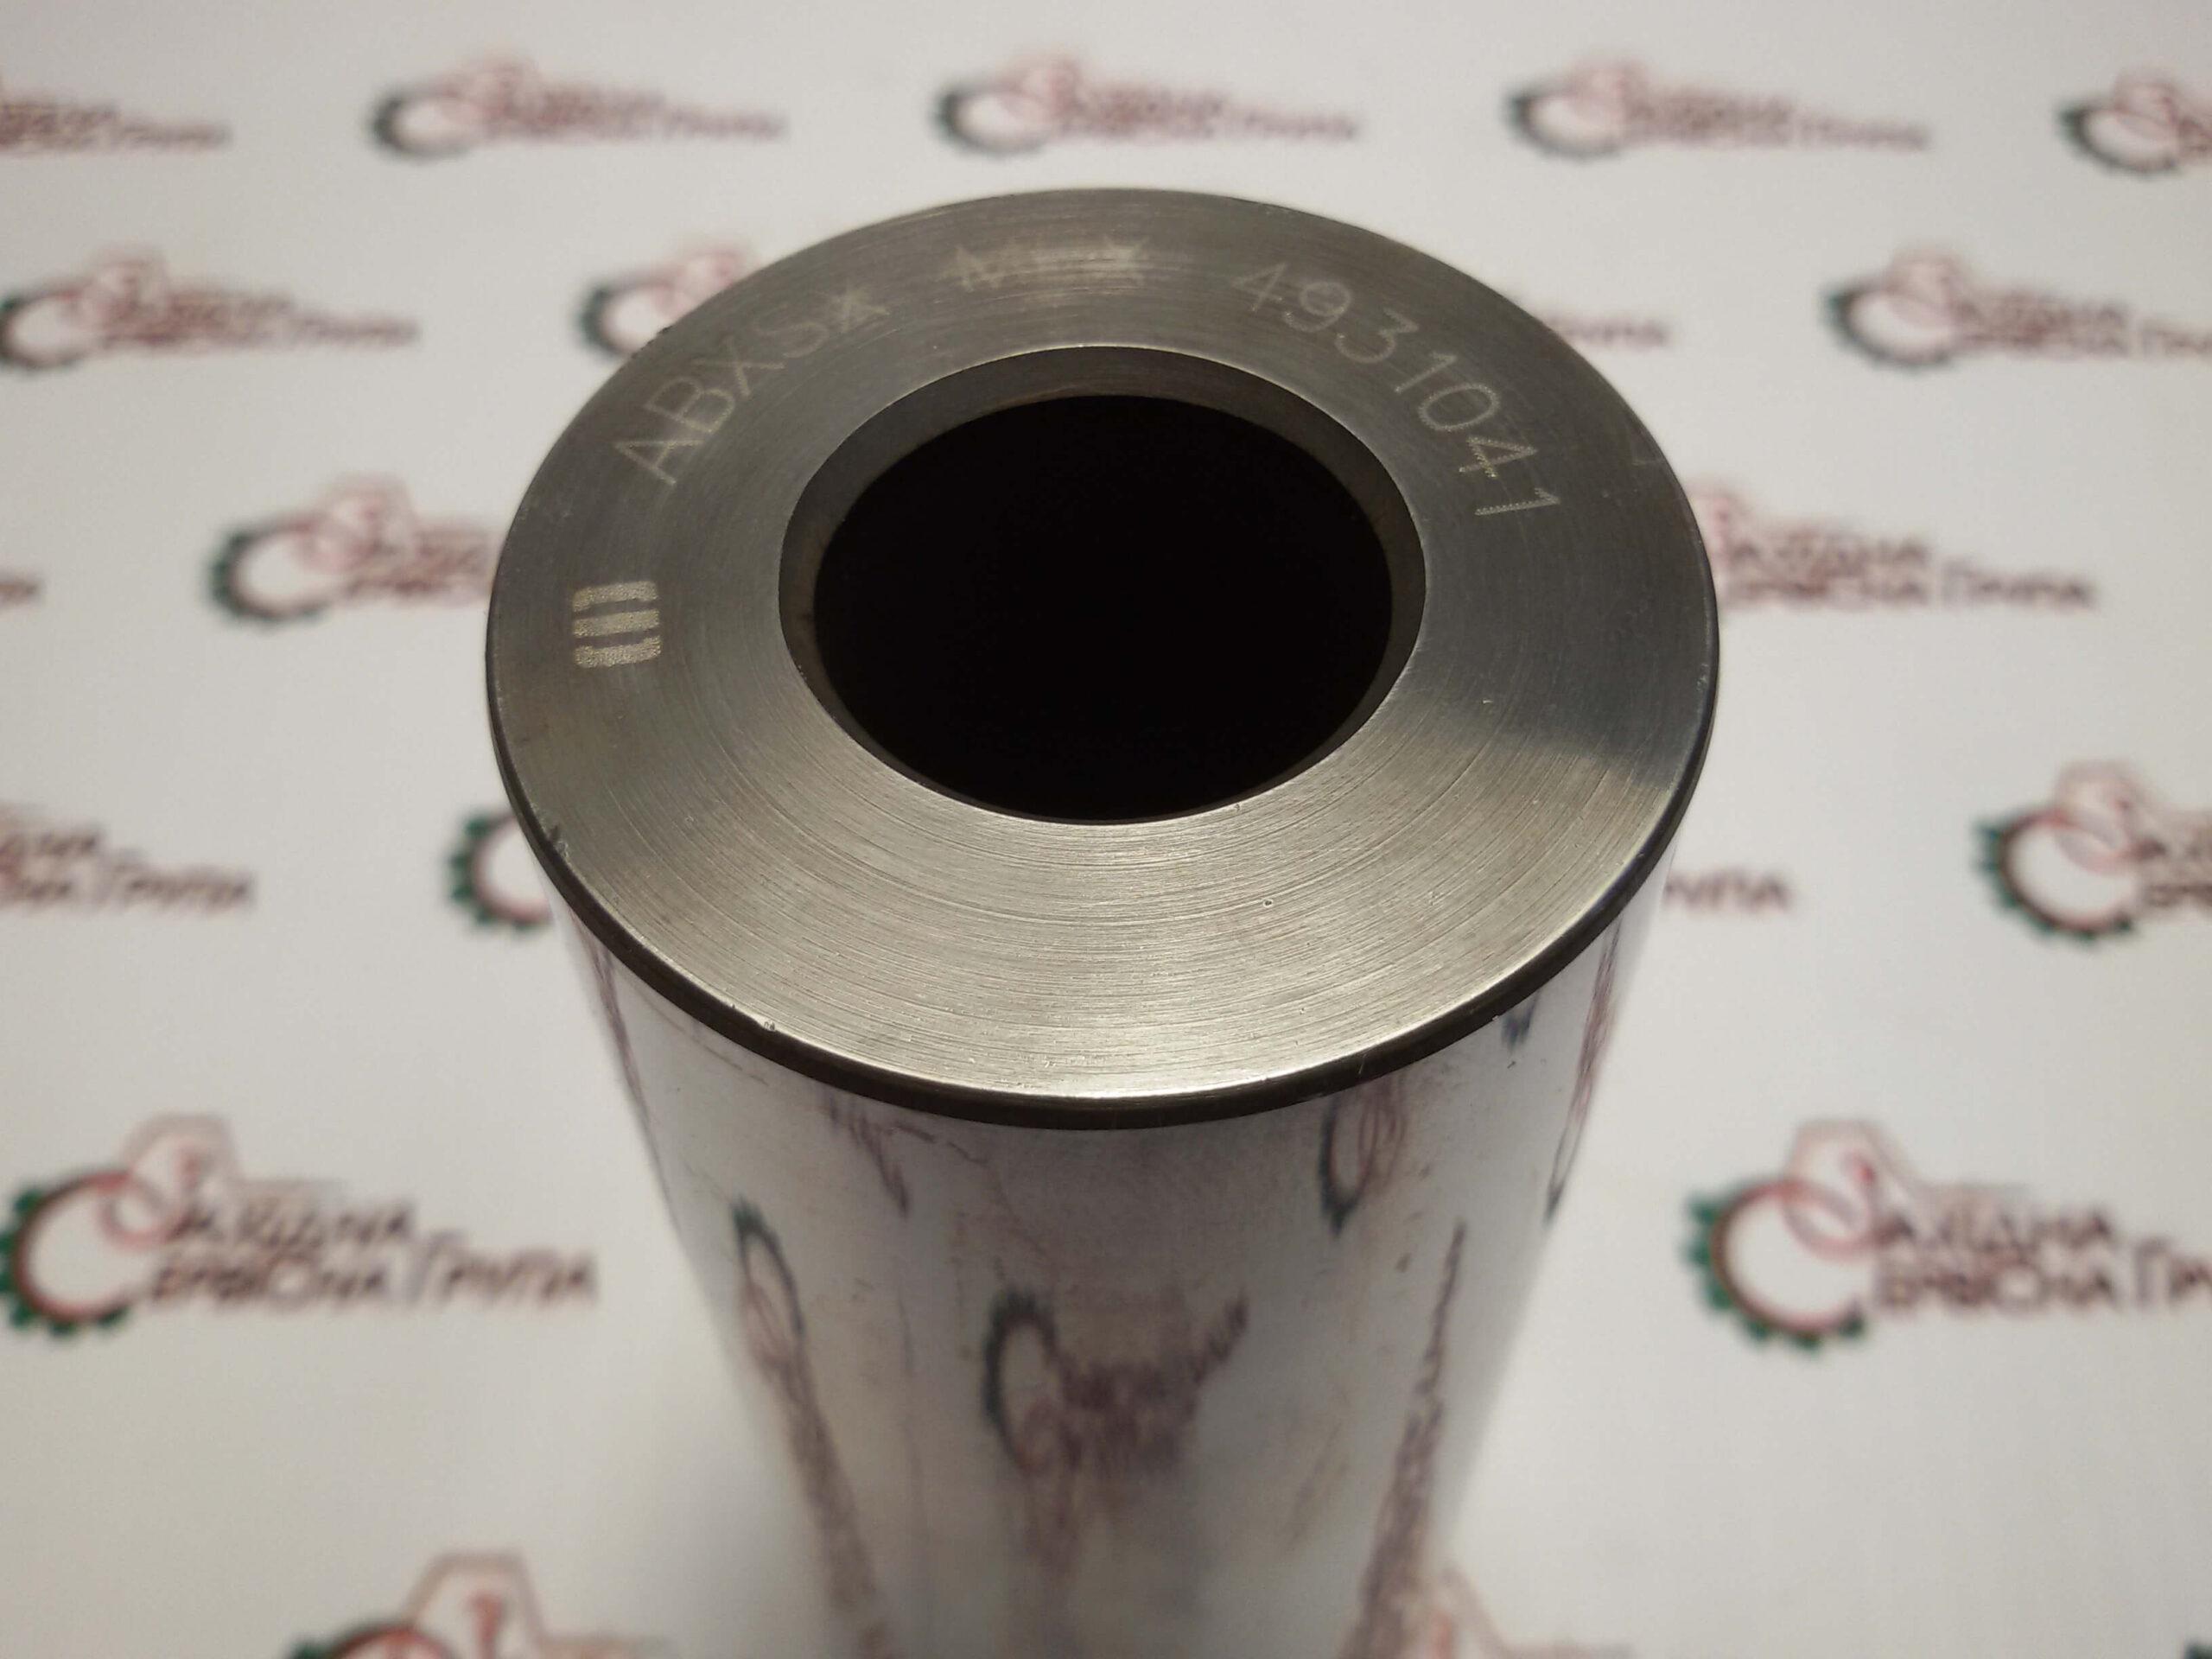 Поршень в зборі ремонтний +0.50 мм Cummins QSB6.7, . 4376354, 4955481.